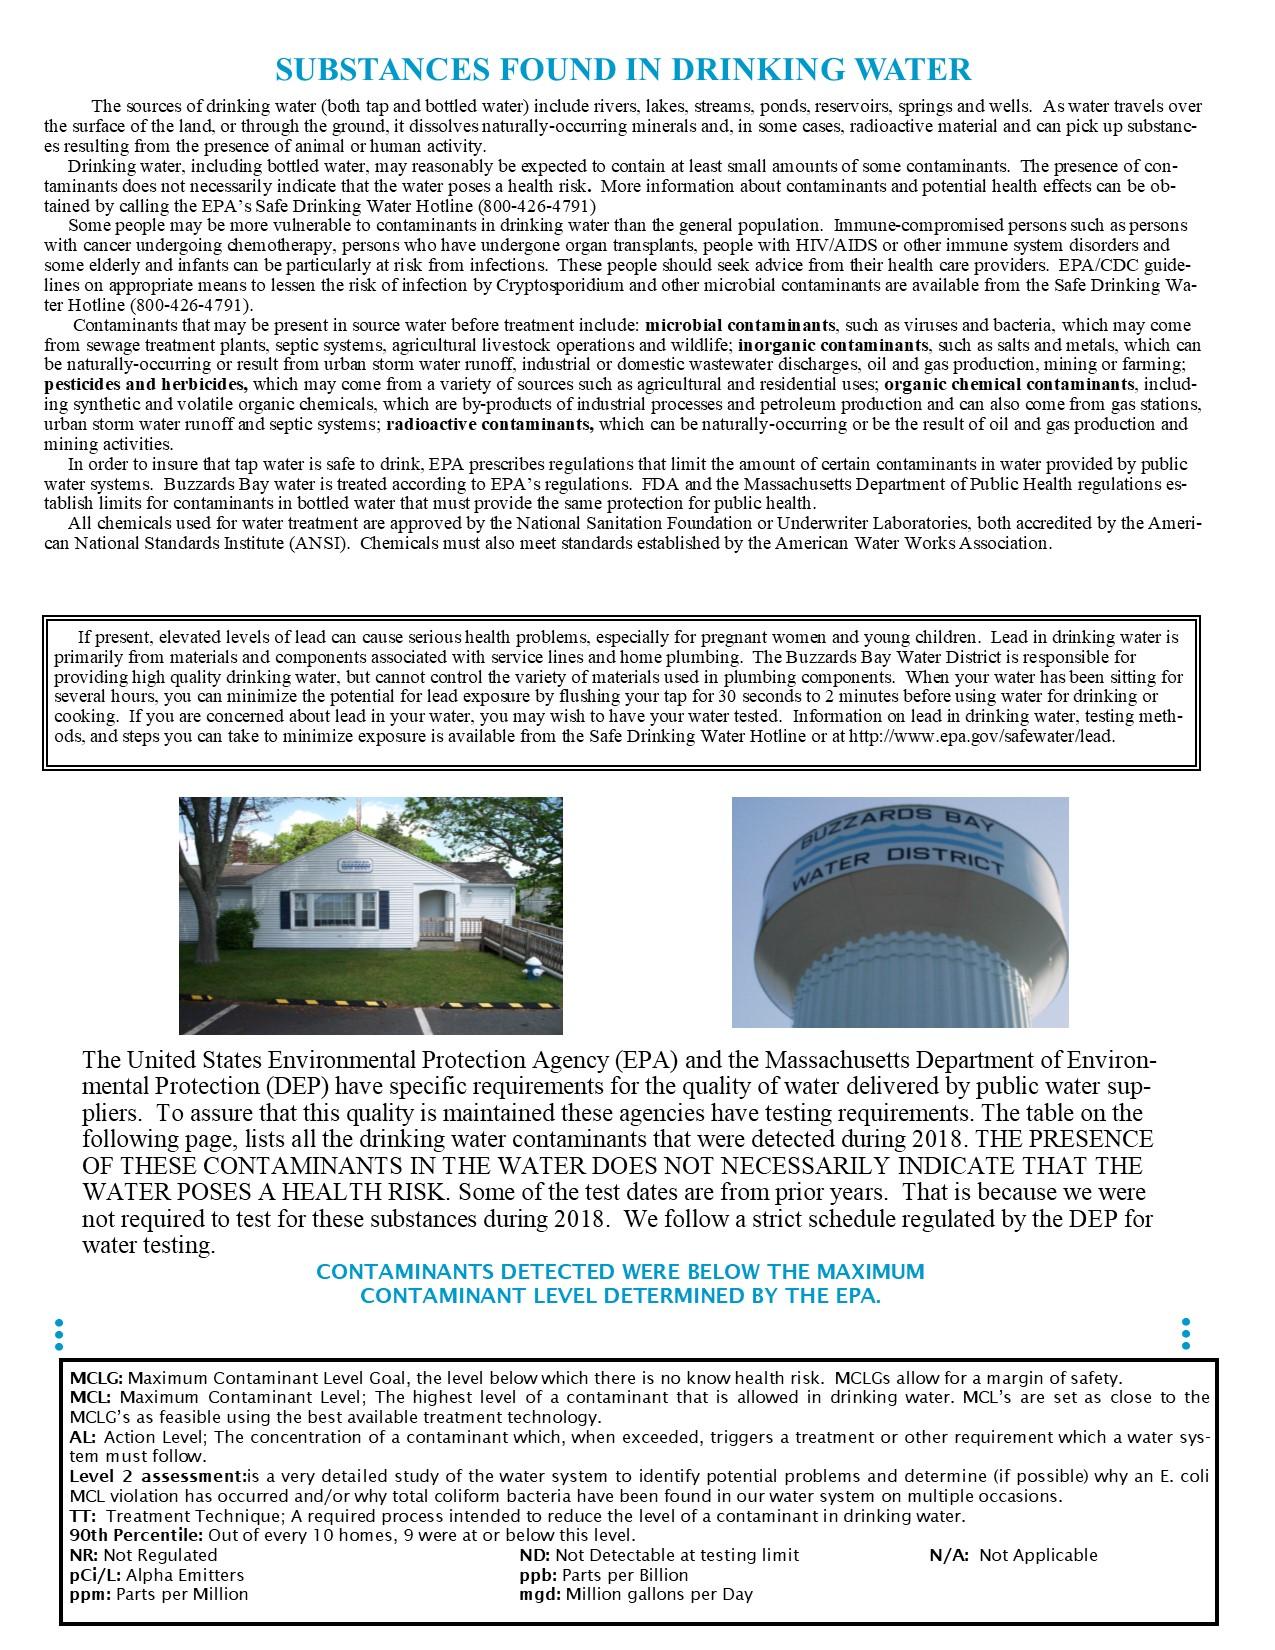 CCR page 2 handout 2018